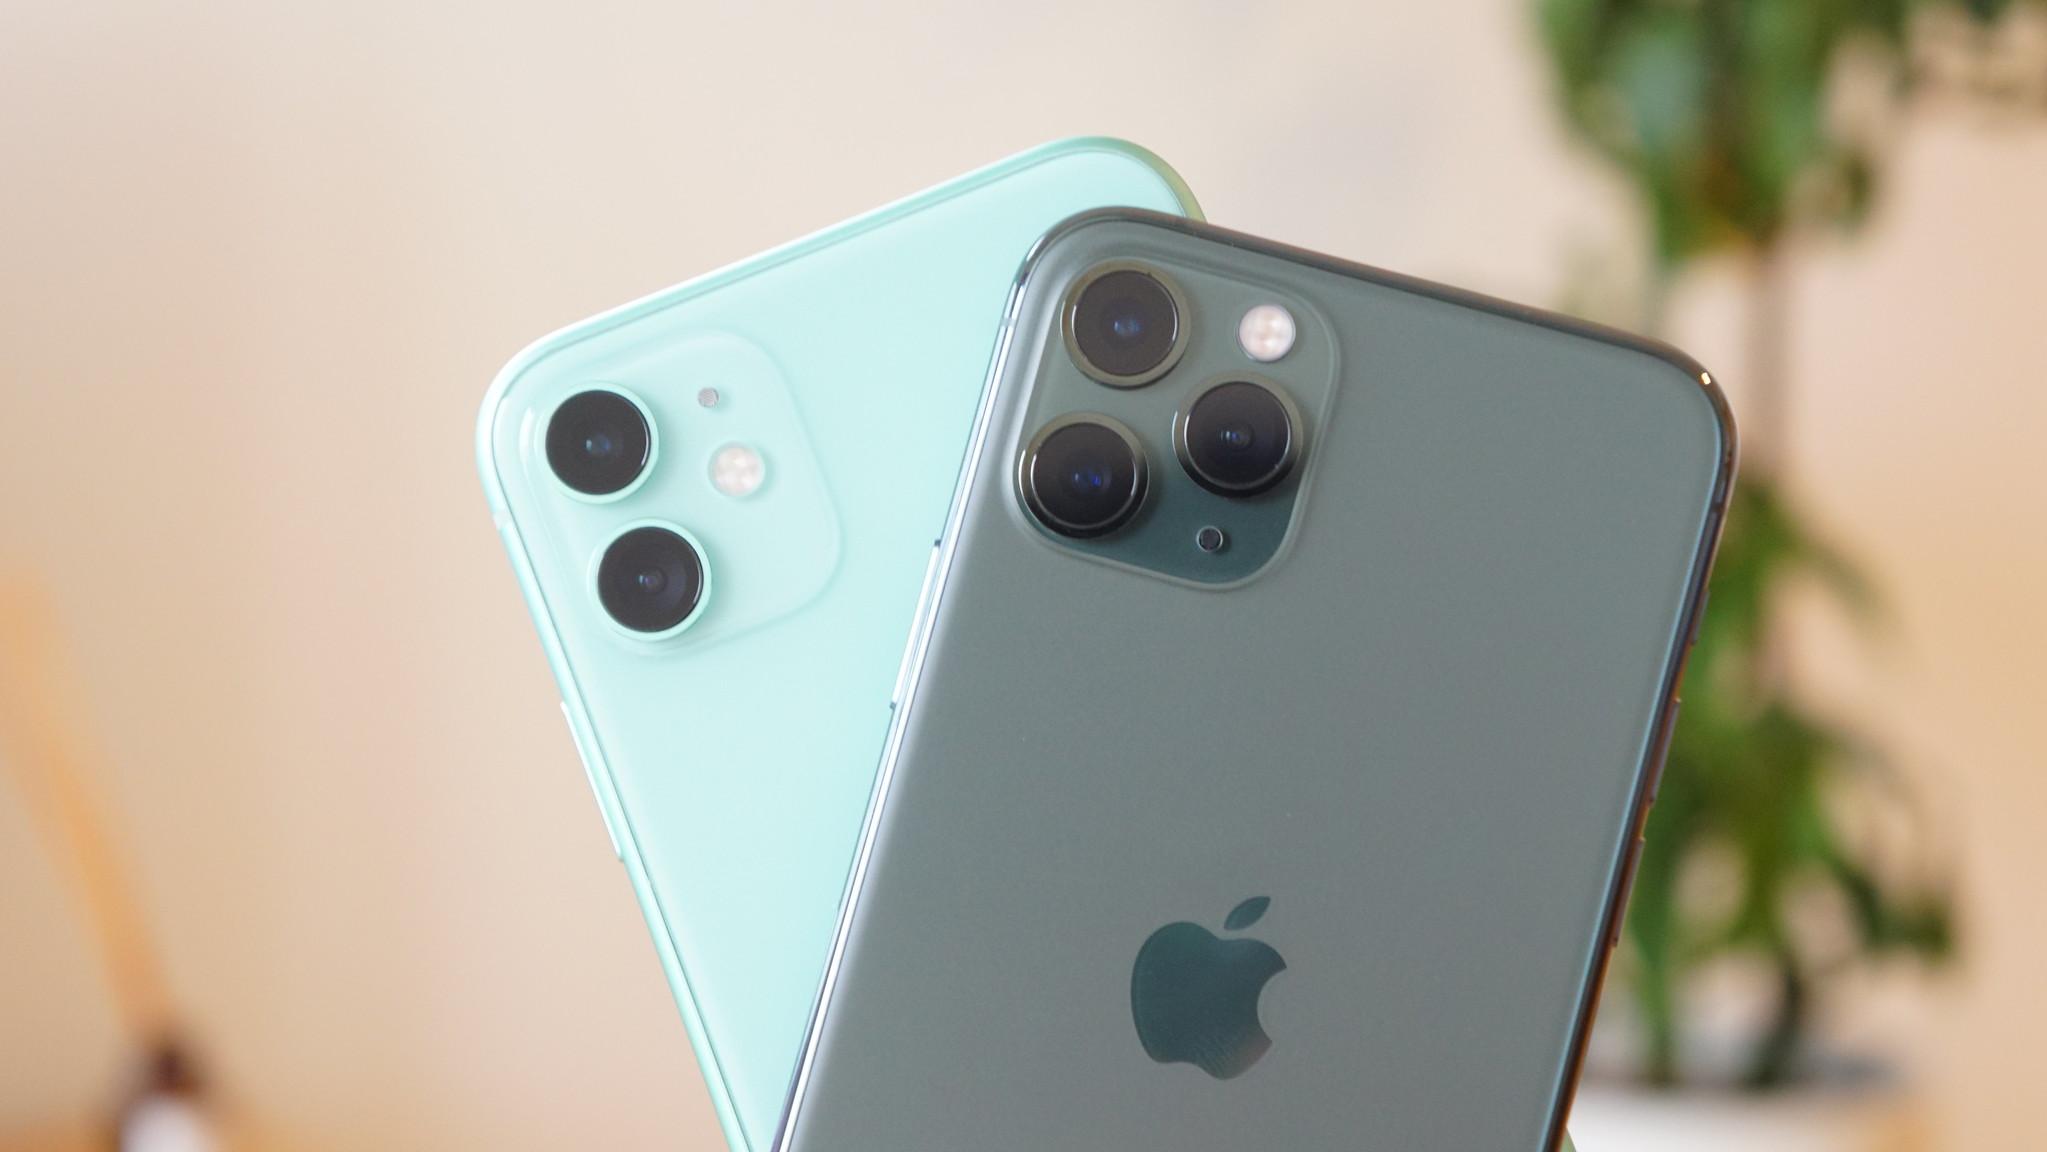 iPhone 11・11 Pro・11 Maxの違いを比較 - サイズ